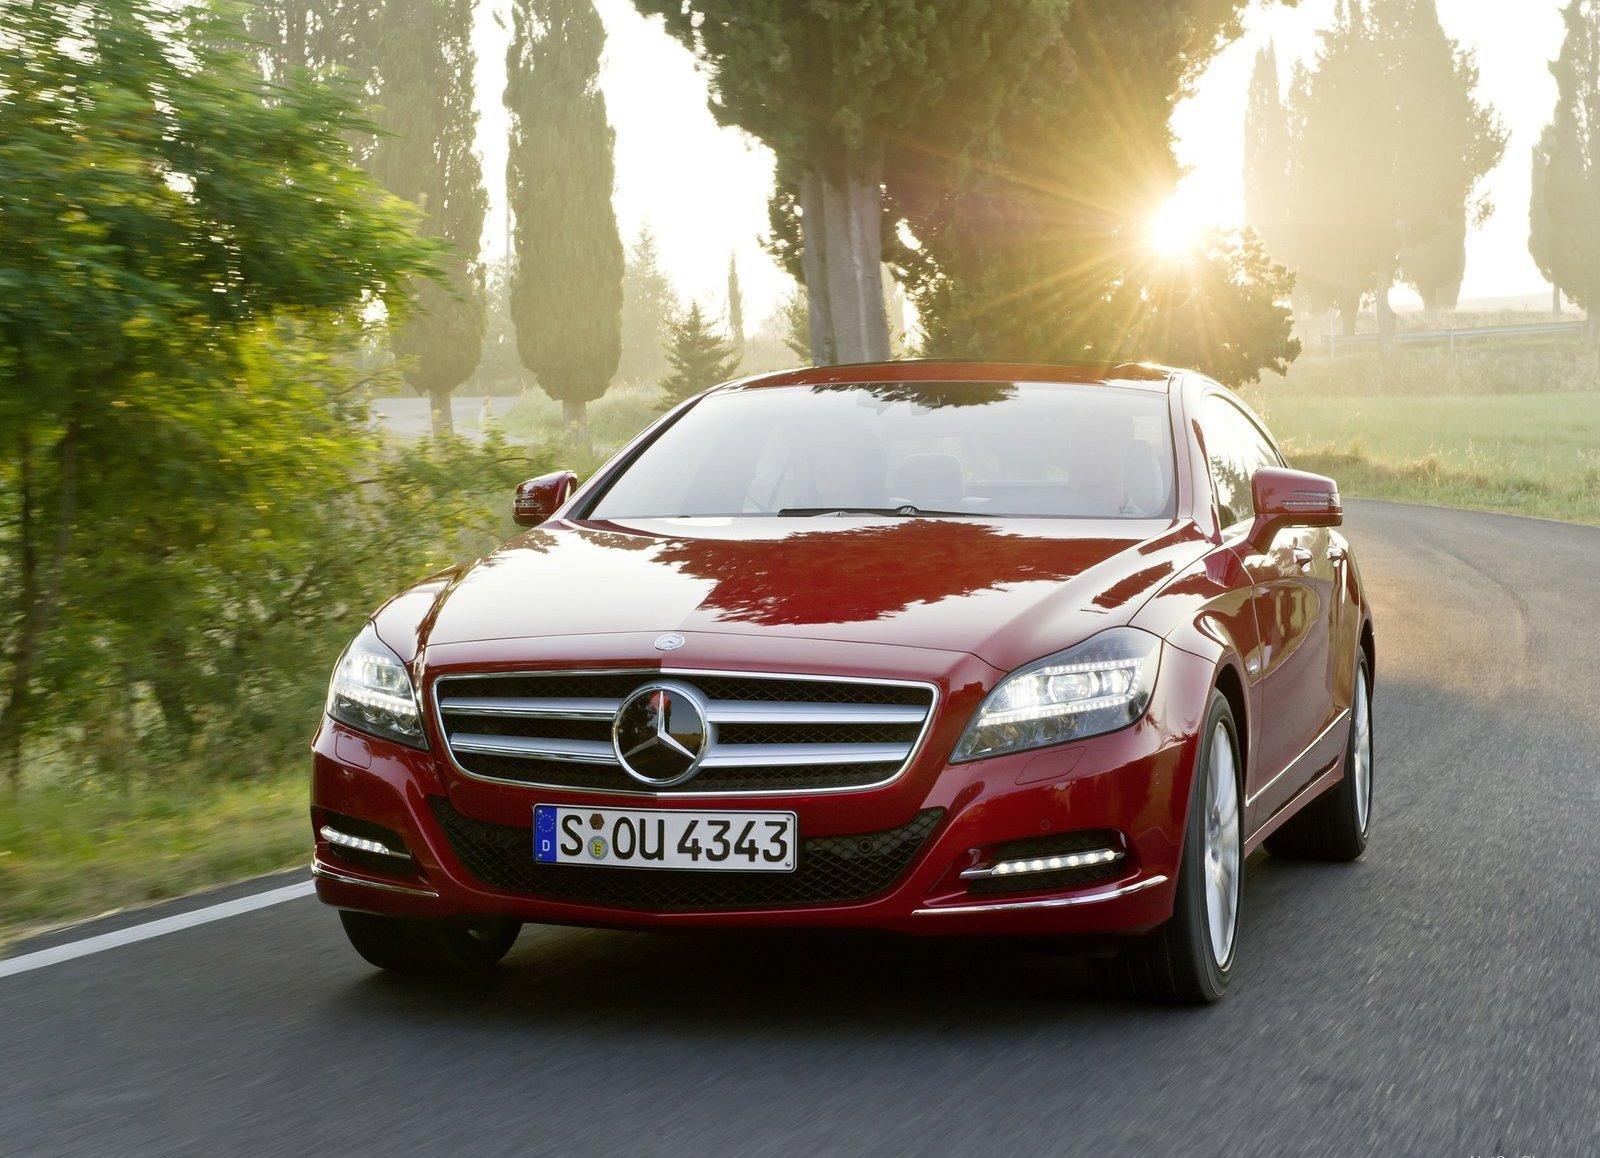 http://3.bp.blogspot.com/-liPq0XKaCAE/Tb6mGm-2RuI/AAAAAAAAAcw/HIKnLJKh-SU/s1600/Mercedes-Benz-CLS-Class_2012_1600x1200_wallpaper_05.jpg